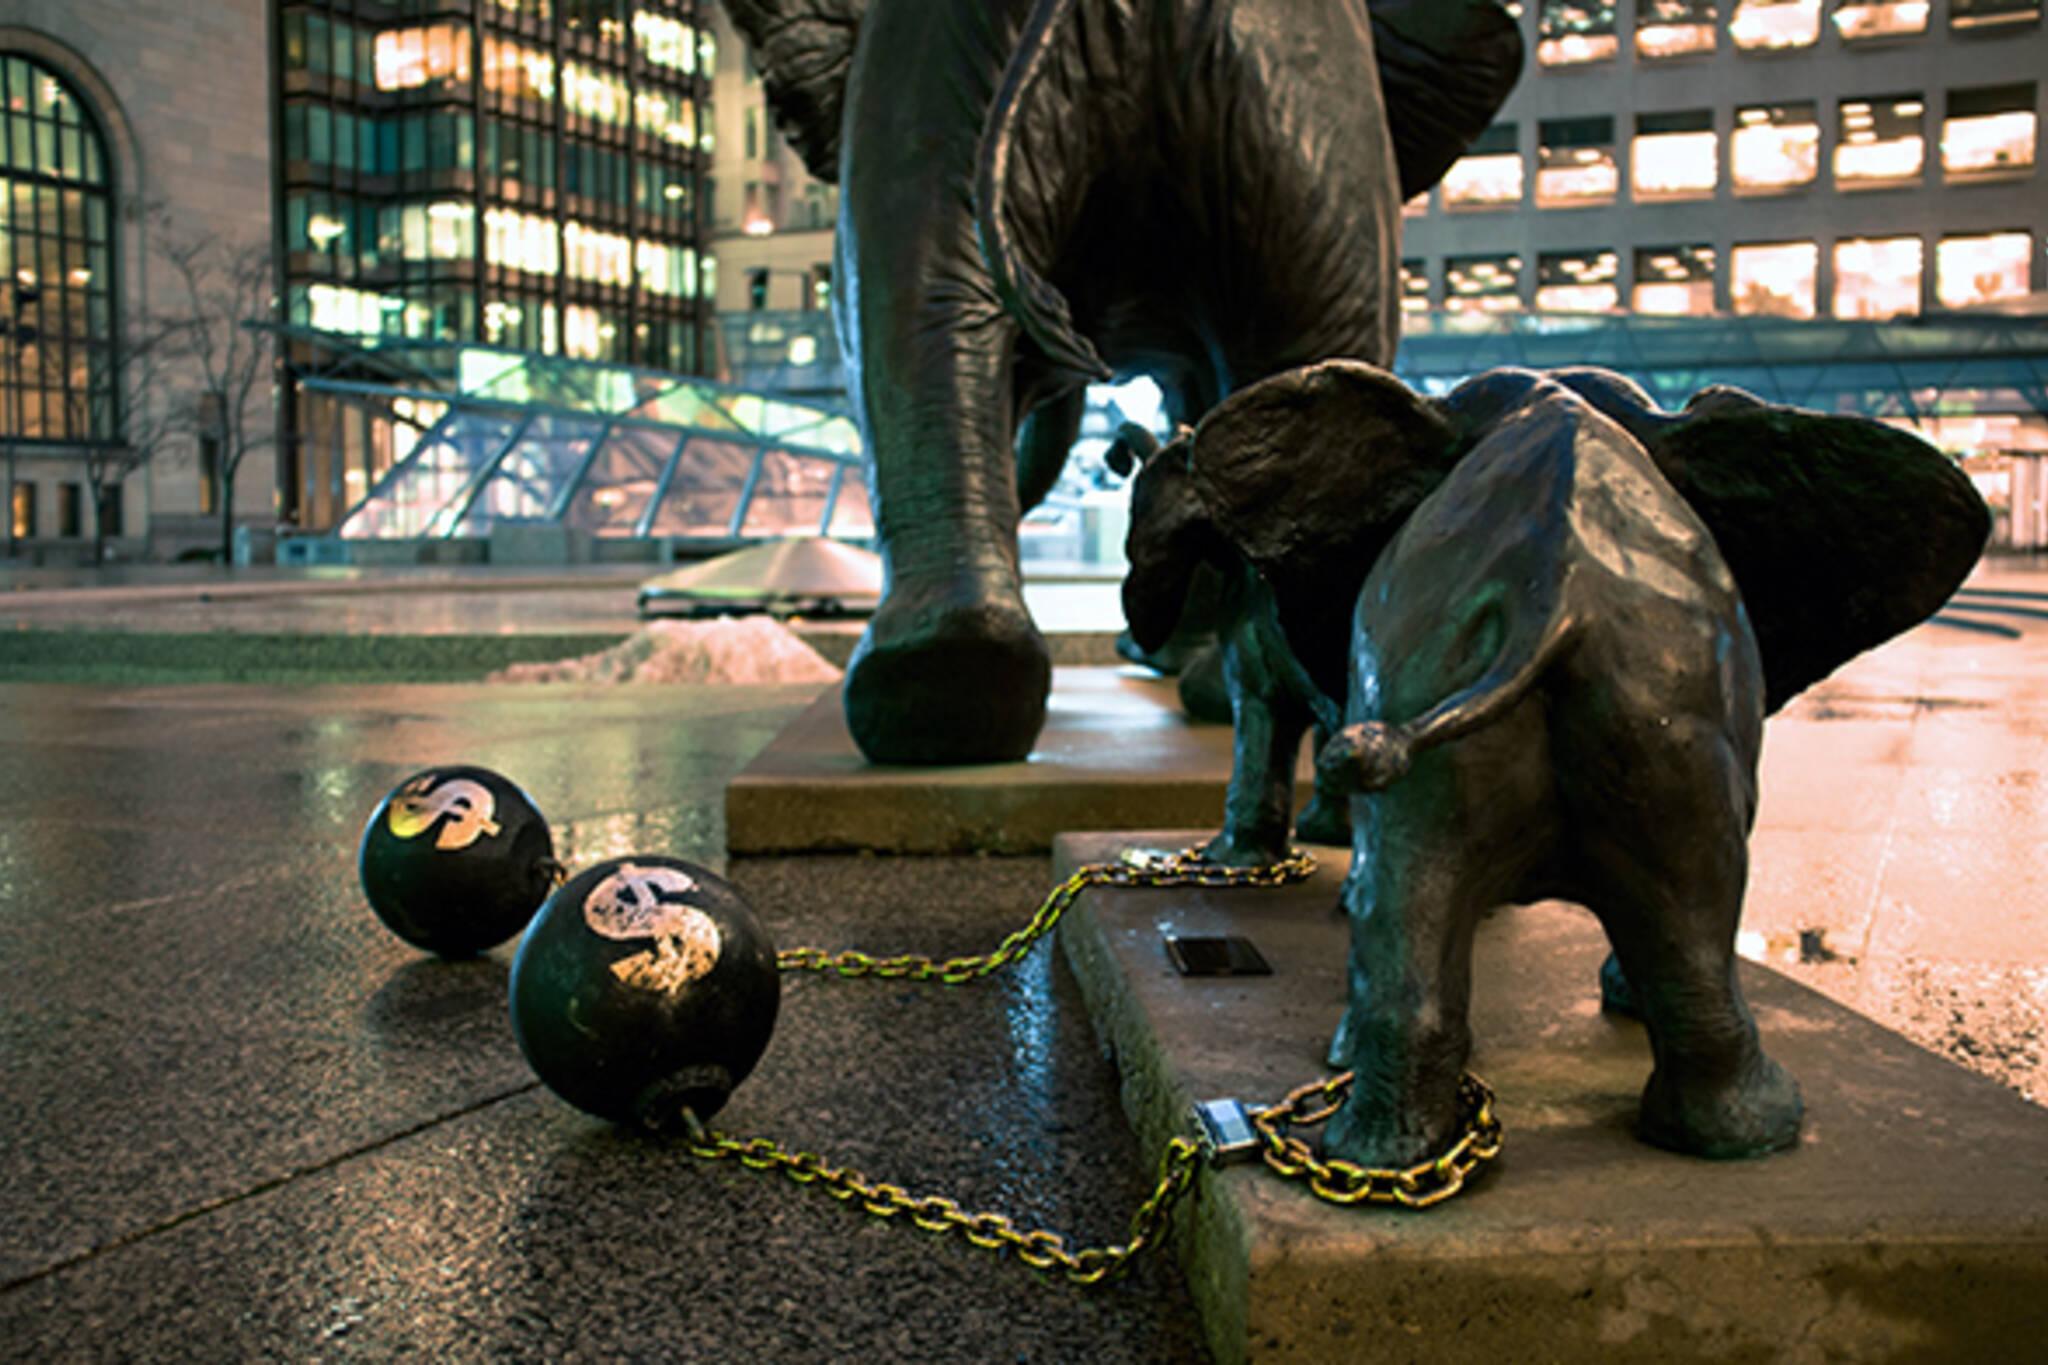 street art financial district